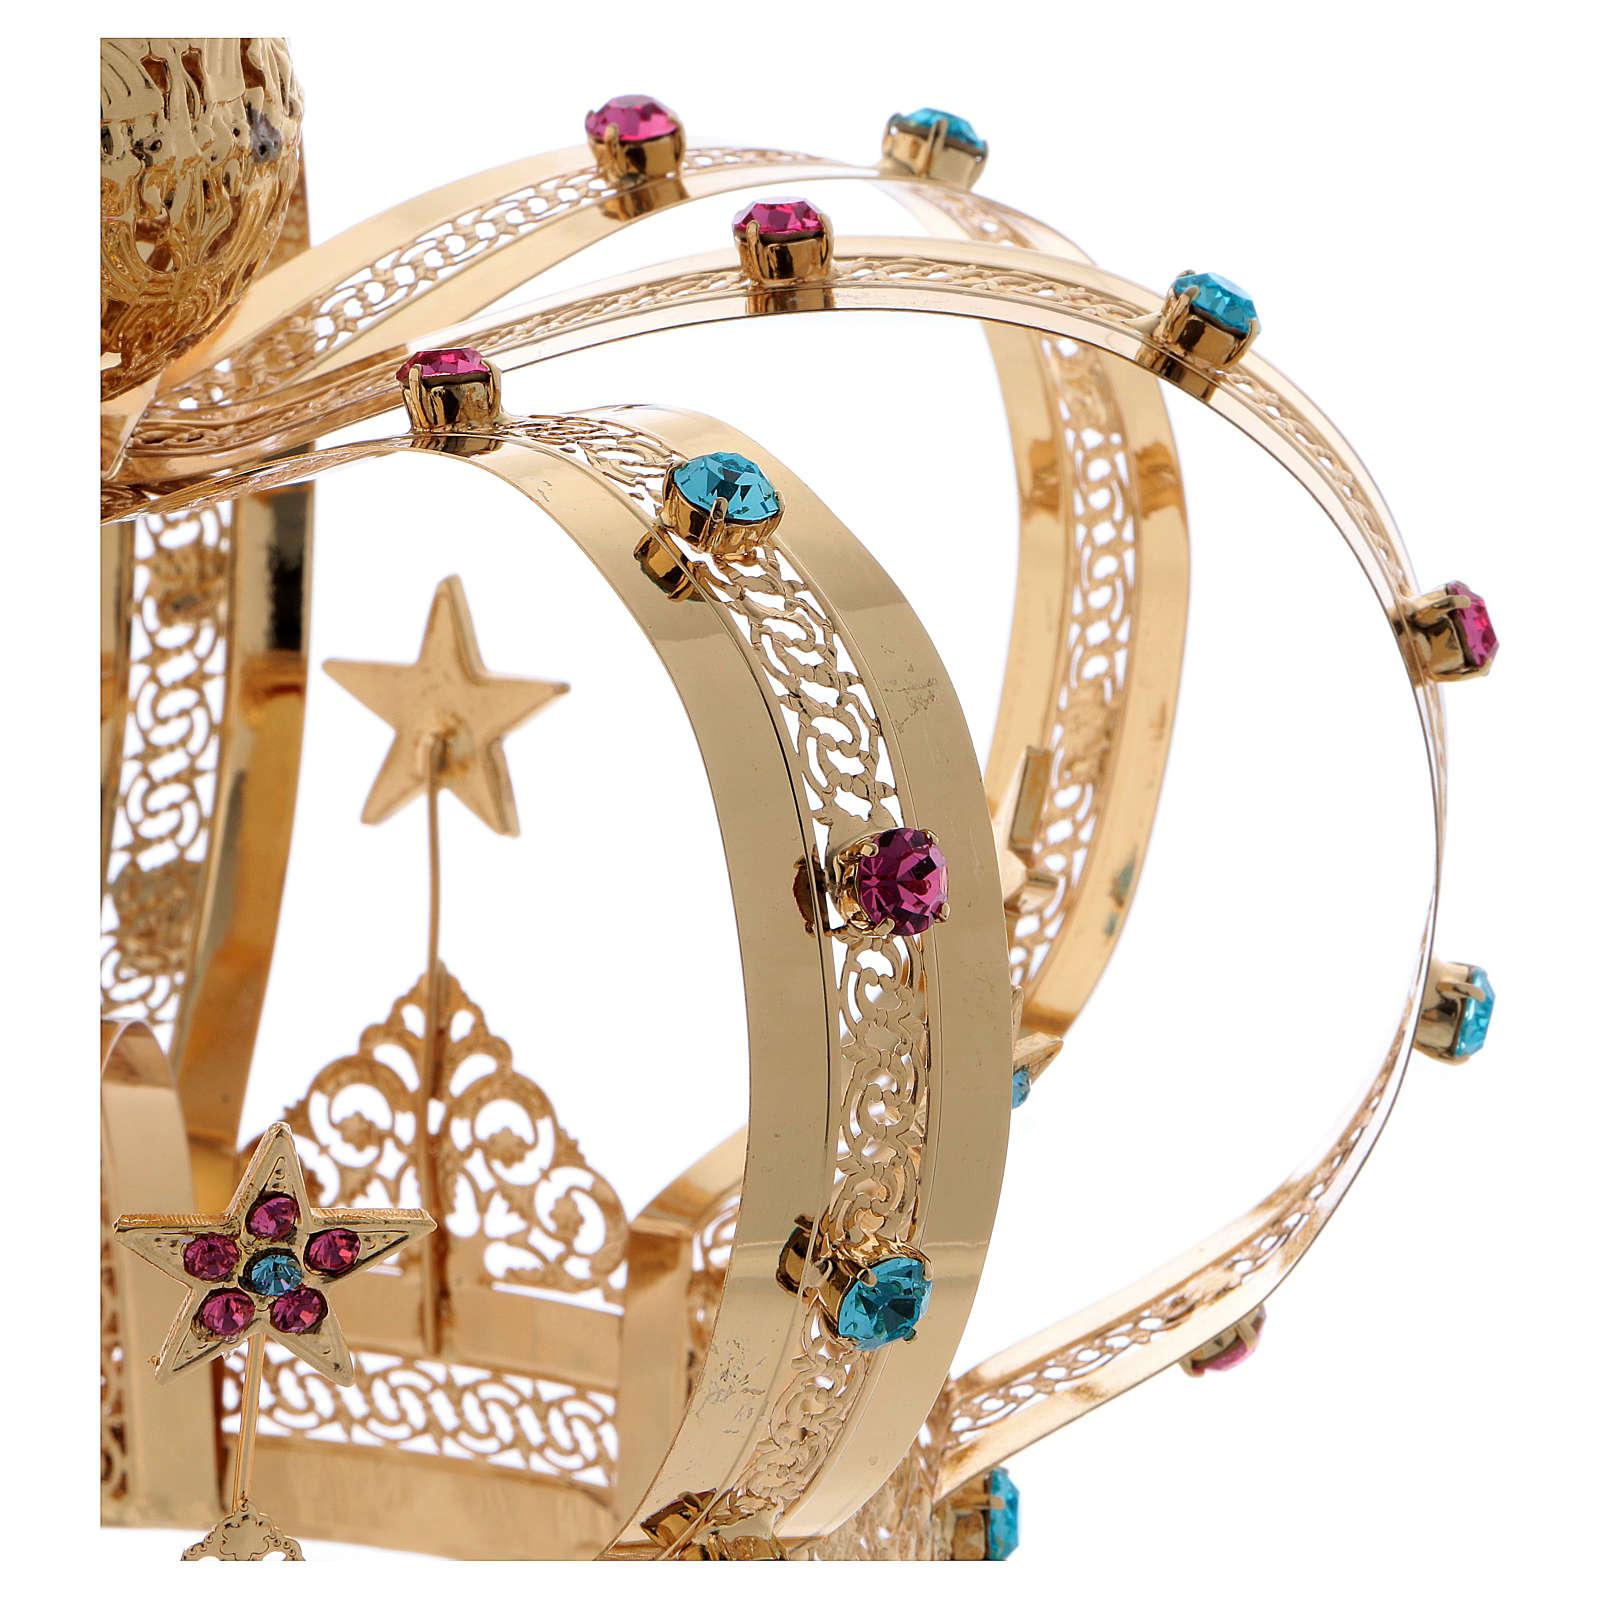 Korona Matki Boskiej mosiądz pozłacany gwiazdy stras kolorowy 3